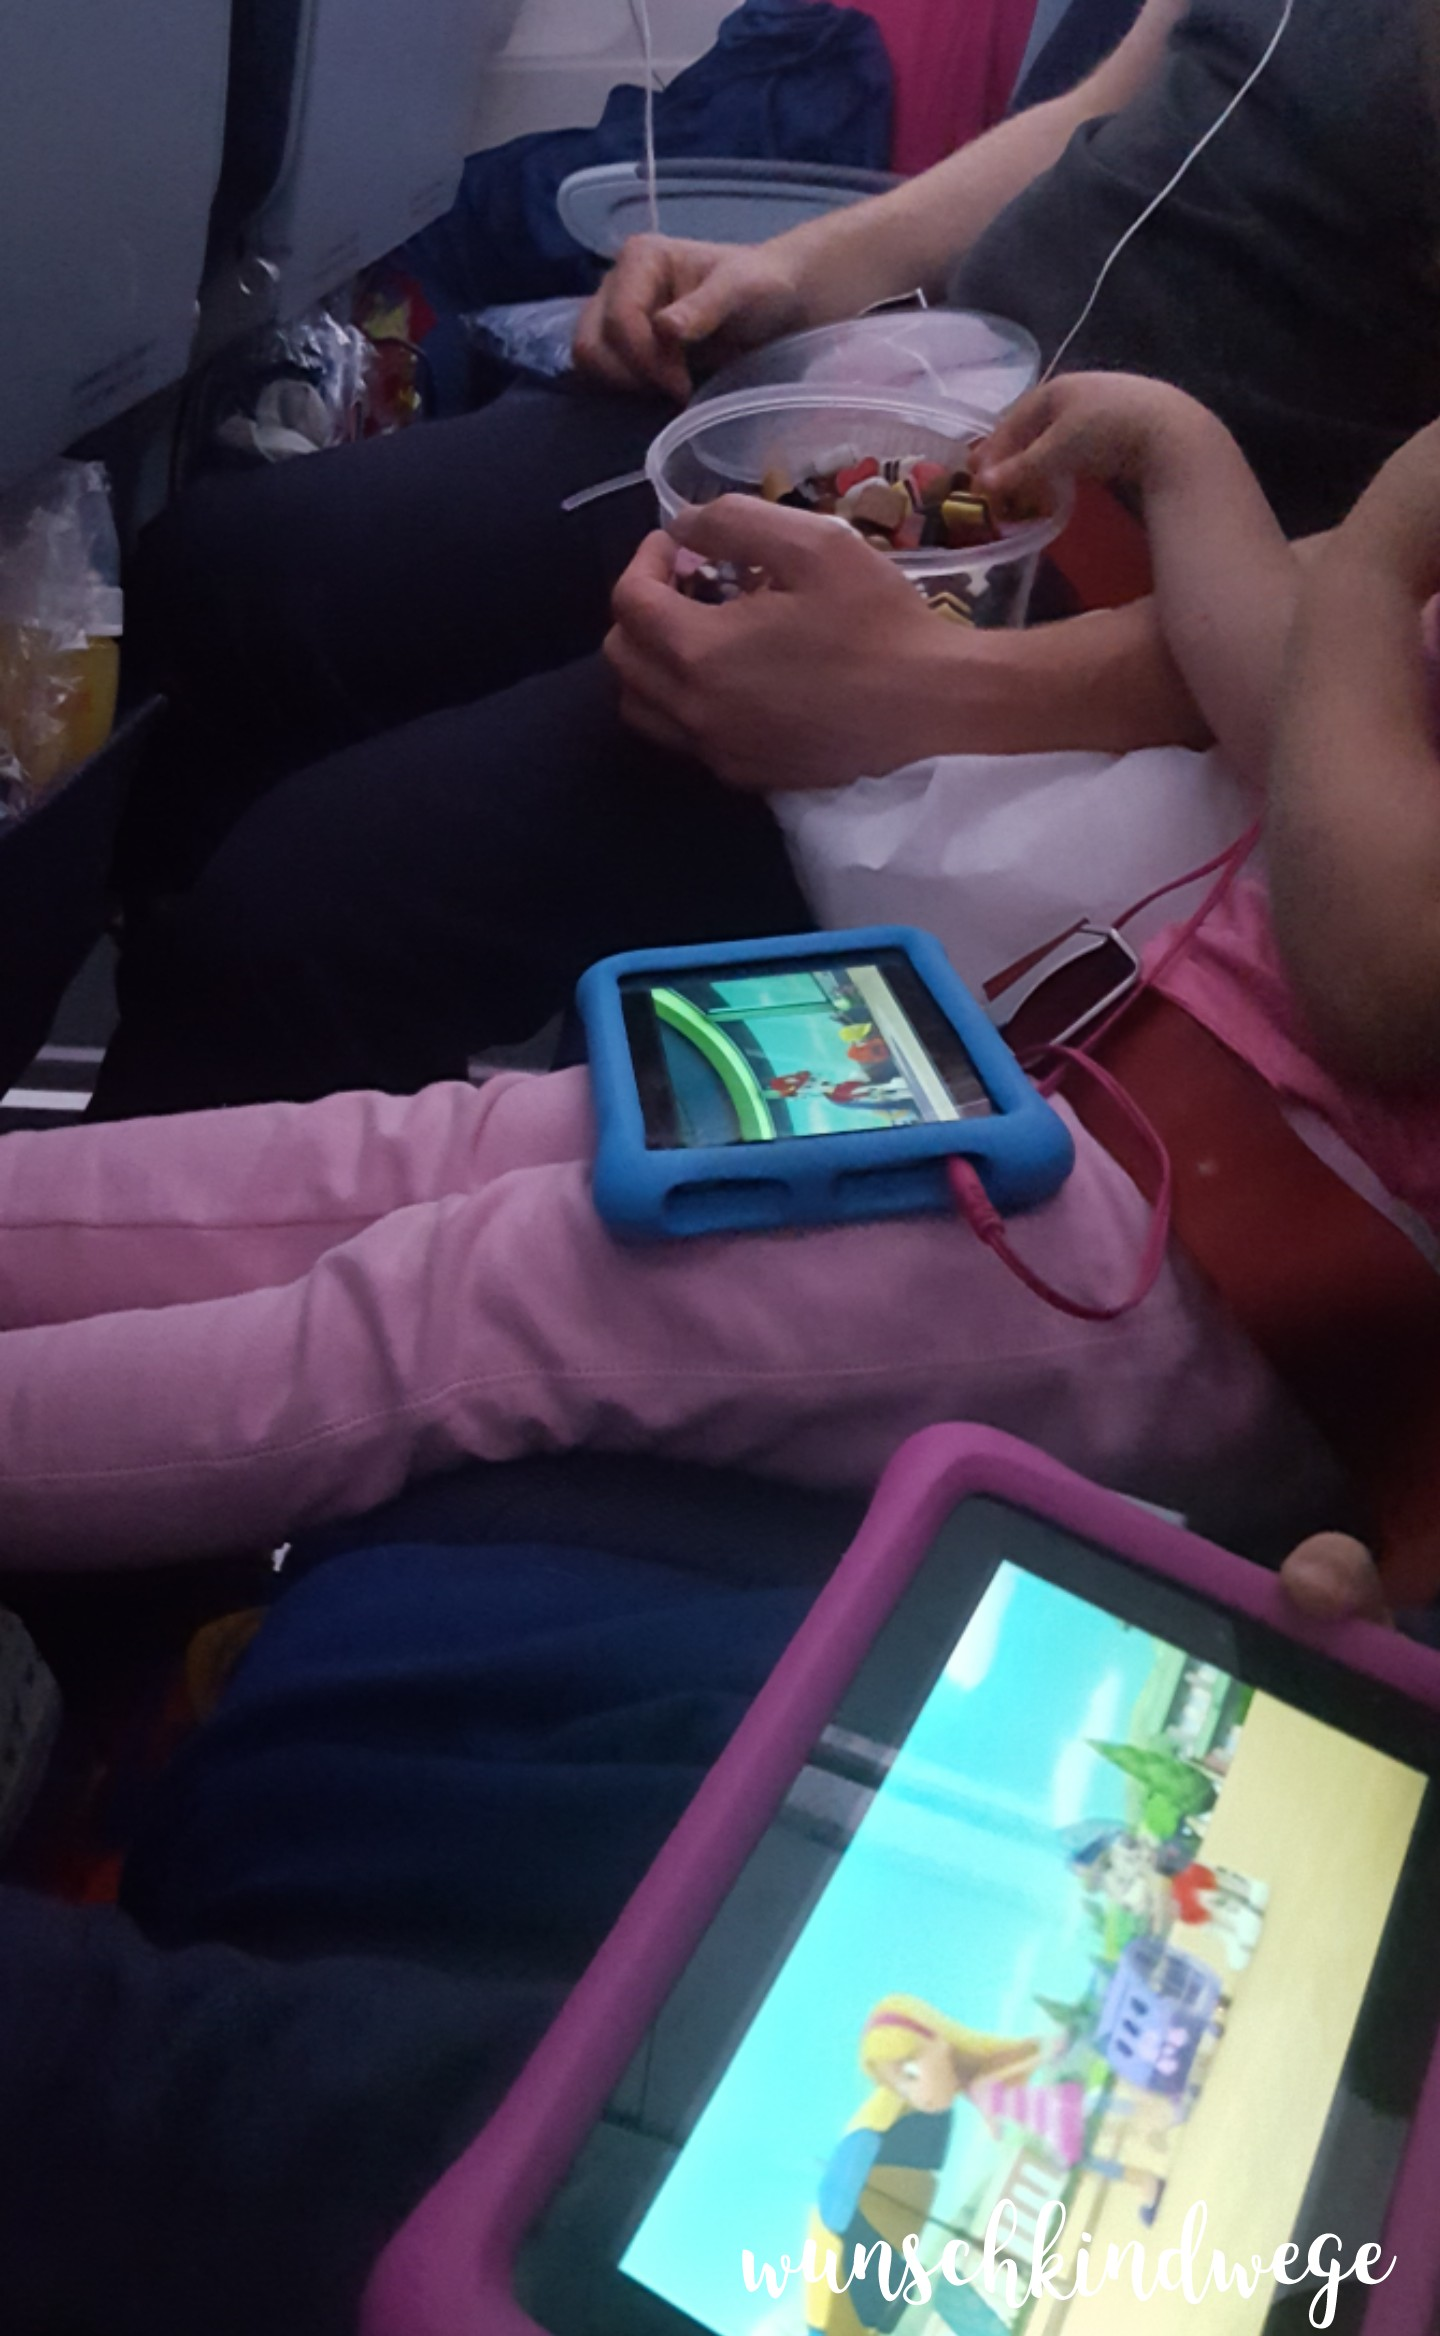 Florida mit Kindern: Süßigkeiten und Tablet im Flugzeug